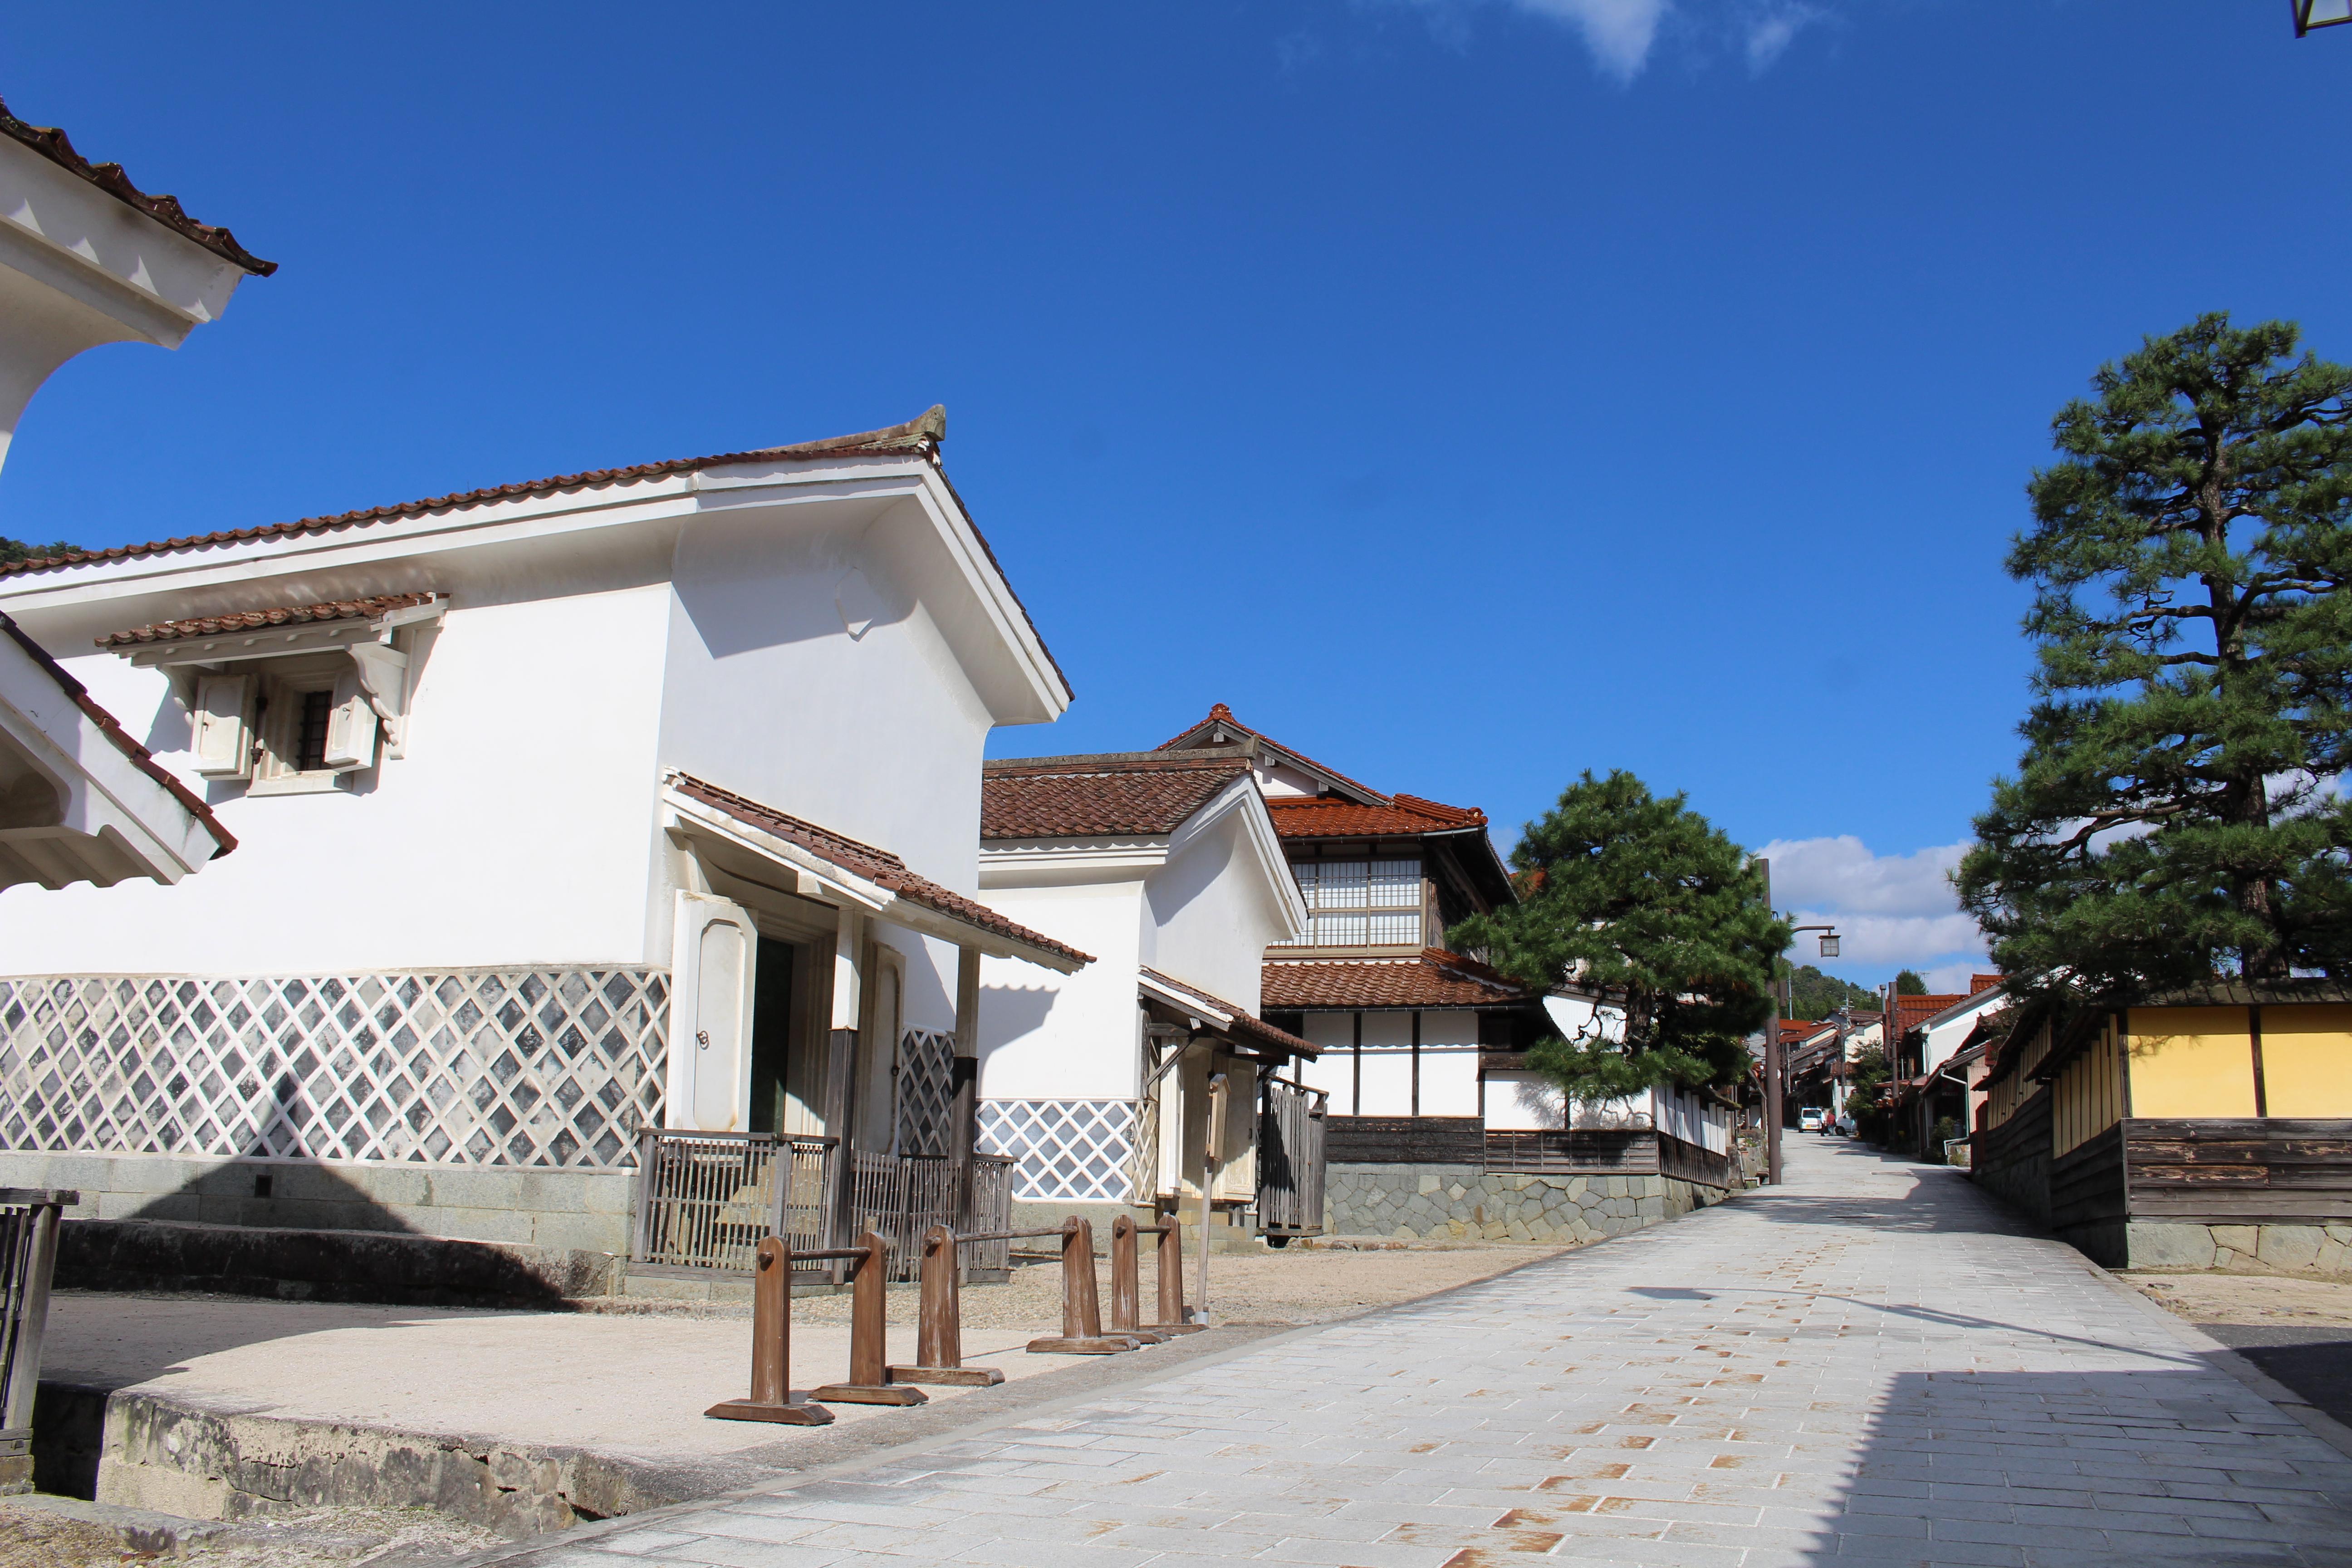 雲南市の道の駅でグルメを満喫!おすすめ観光スポットをご紹介!